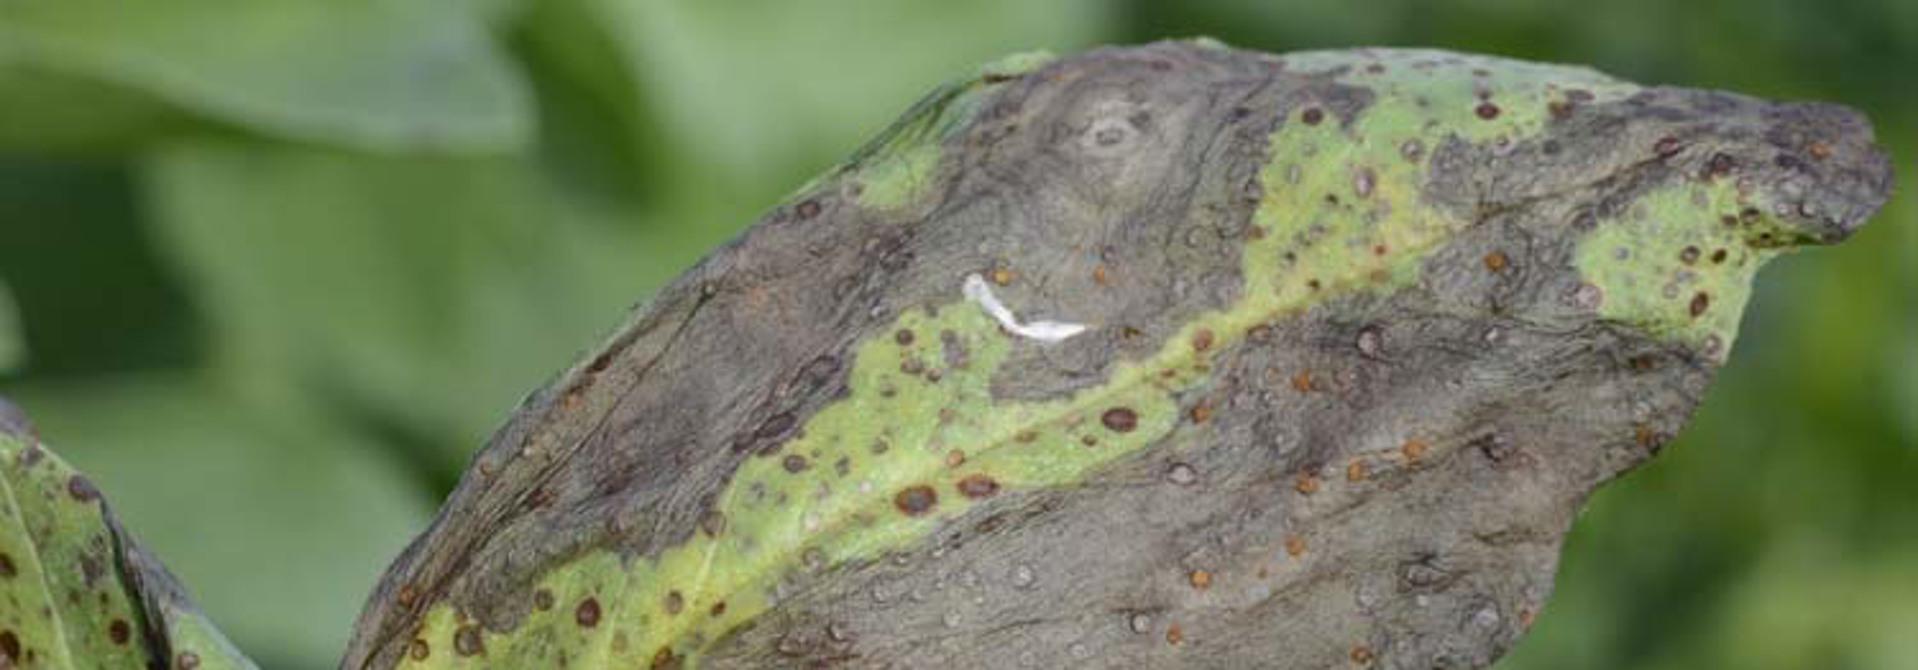 Typisches Schadbild der Schokolade-Blattflecken: braune kleine Blattsprenkel, die spu00e4ter zu scharf abgegrenz-ten Blattflecken zusammenfliessen (Bild: Pflanzenkrankheiten.ch)>